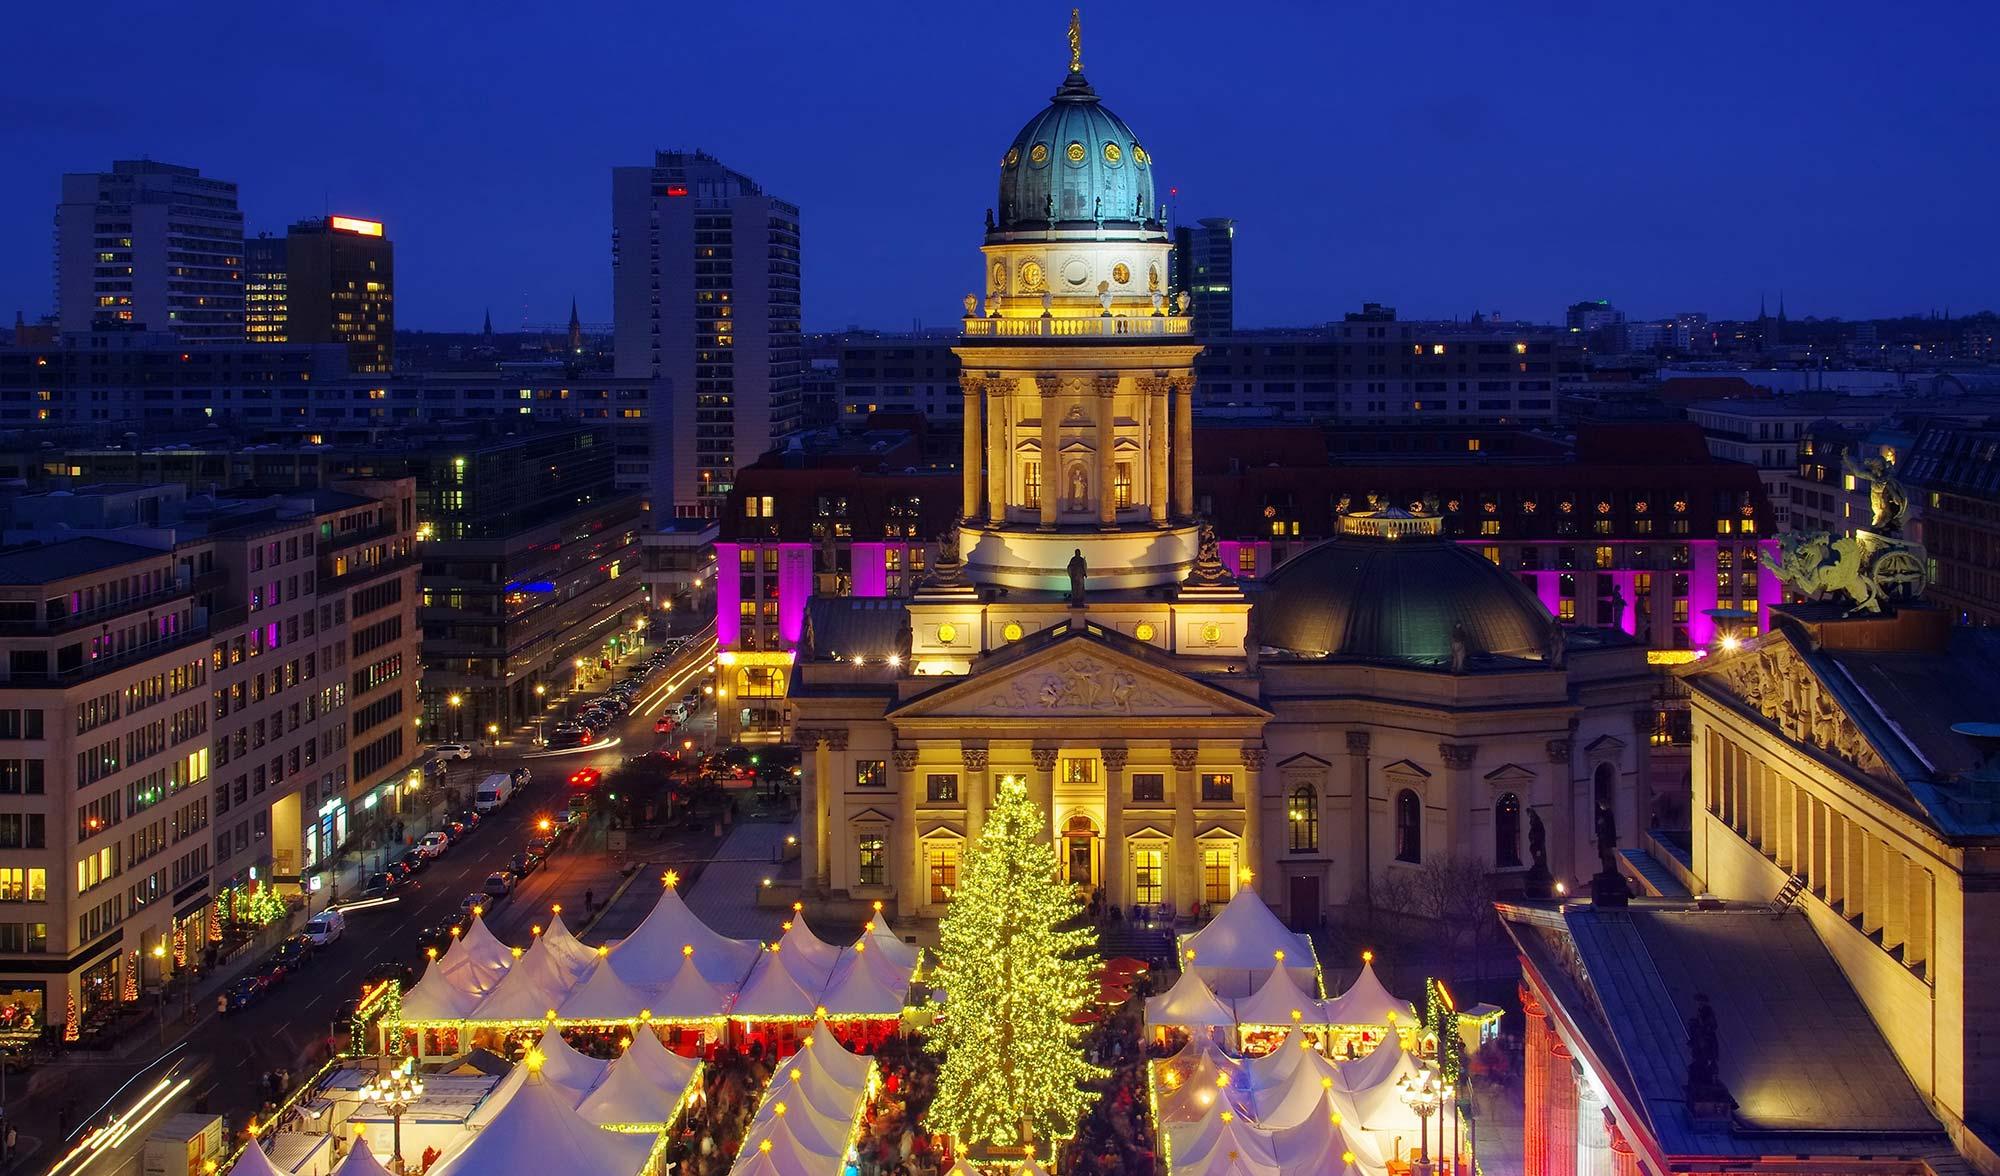 Weihnachtsmarkt Berlin Beginn.Weihnachtszauber Am Gendarmenmarkt Im Herzen Von Berlin